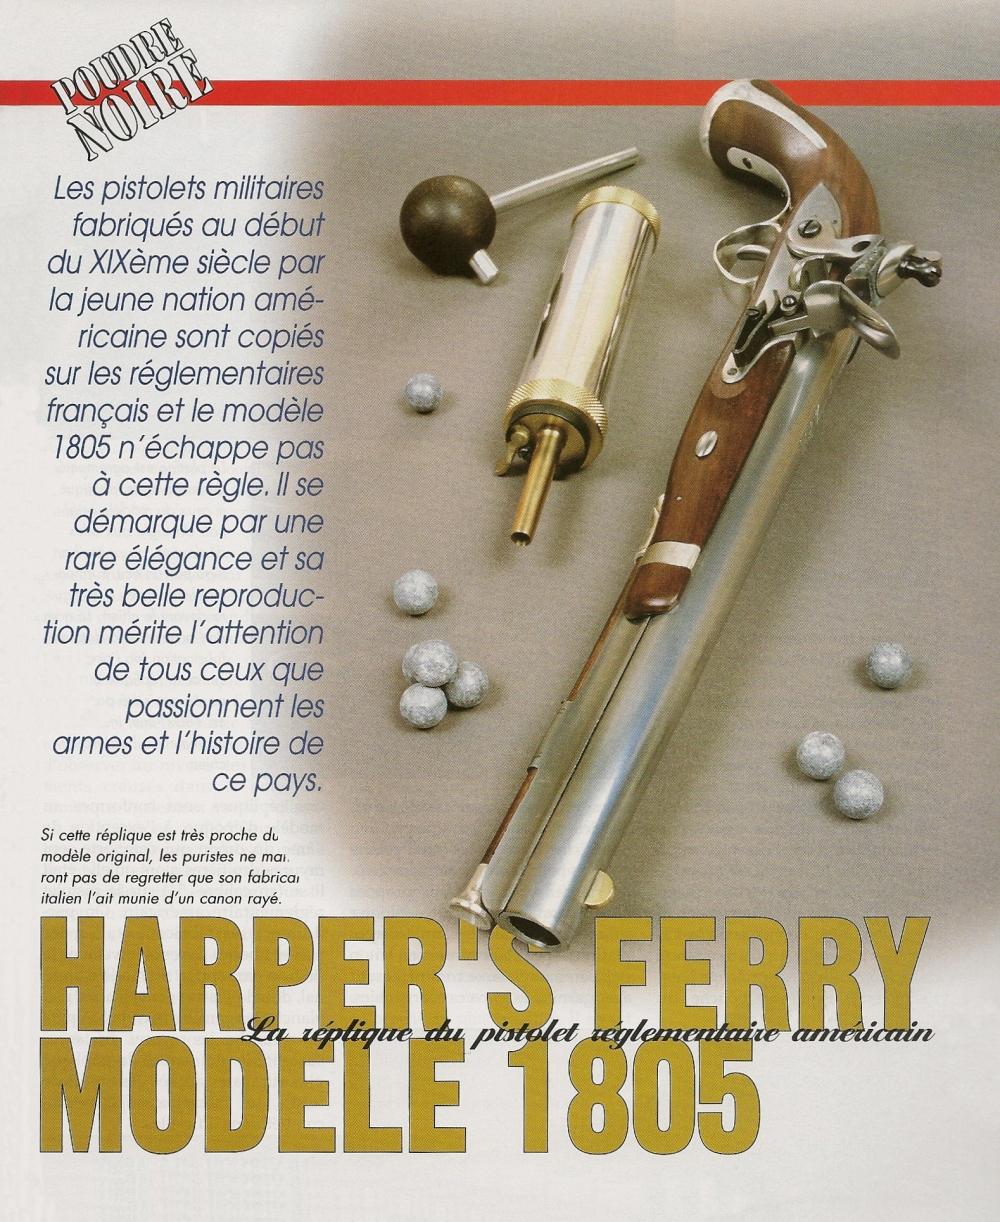 Si cette réplique est très proche du modèle original, les puristes ne manqueront pas de regretter que son fabricant italien l'ait munie d'un canon rayé.